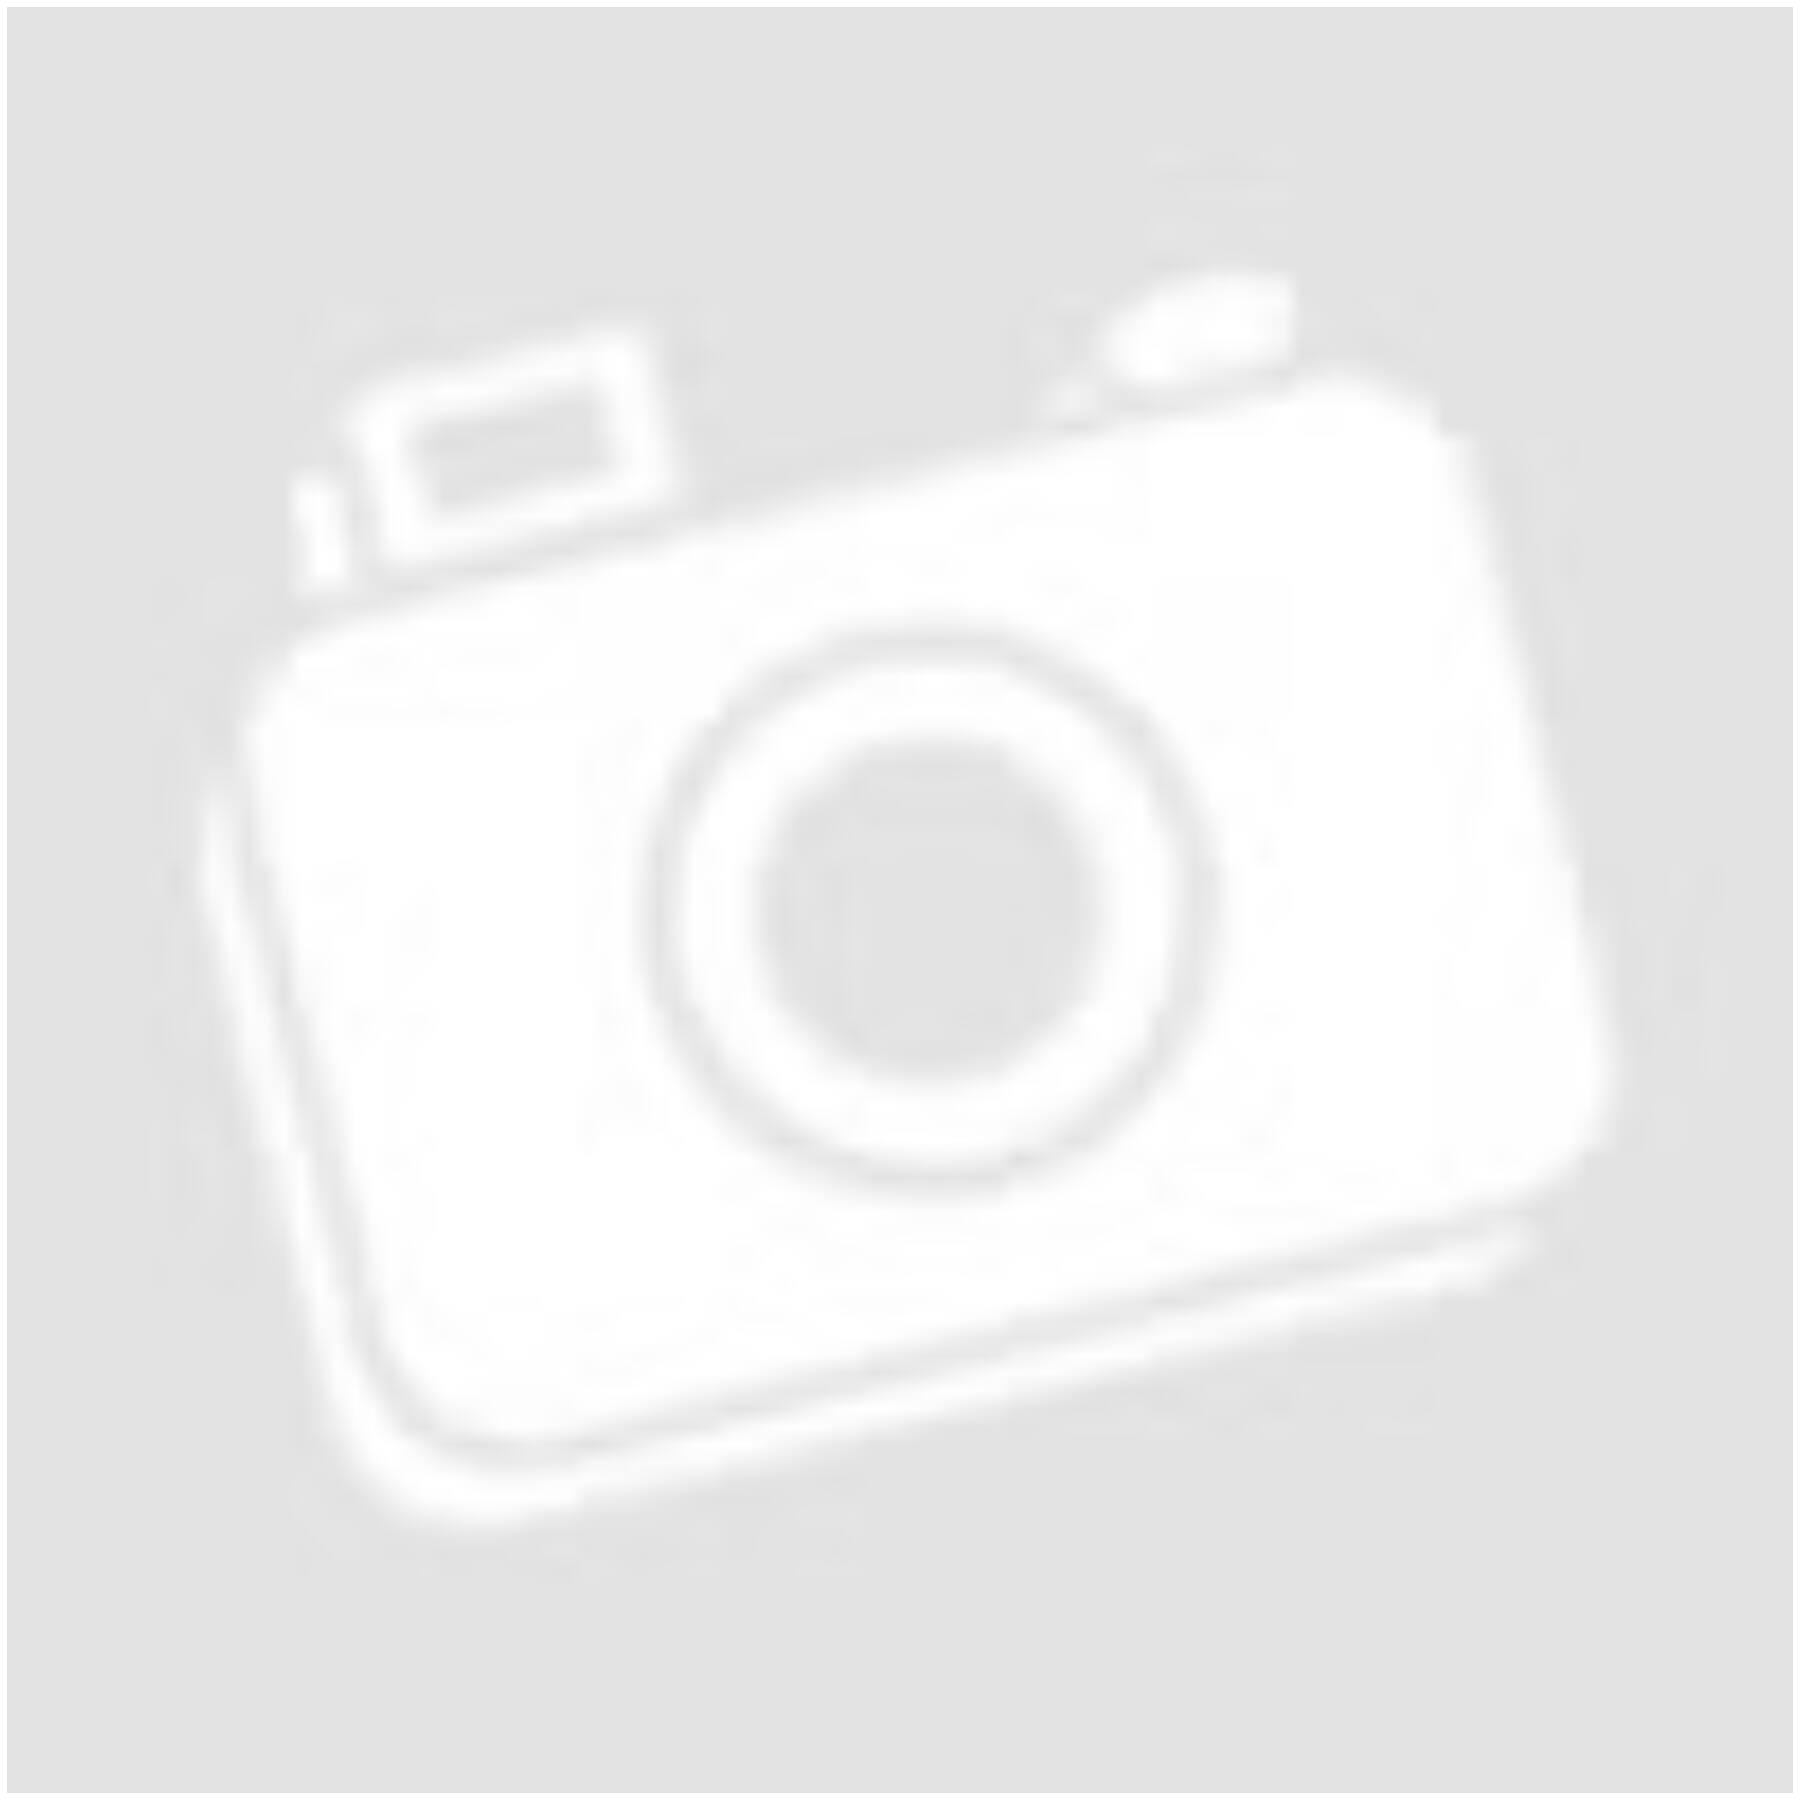 Kép 1 7 - Travel   More Négykerekű Közepes Bőrönd 64x45x24 cm 02b8dbf594